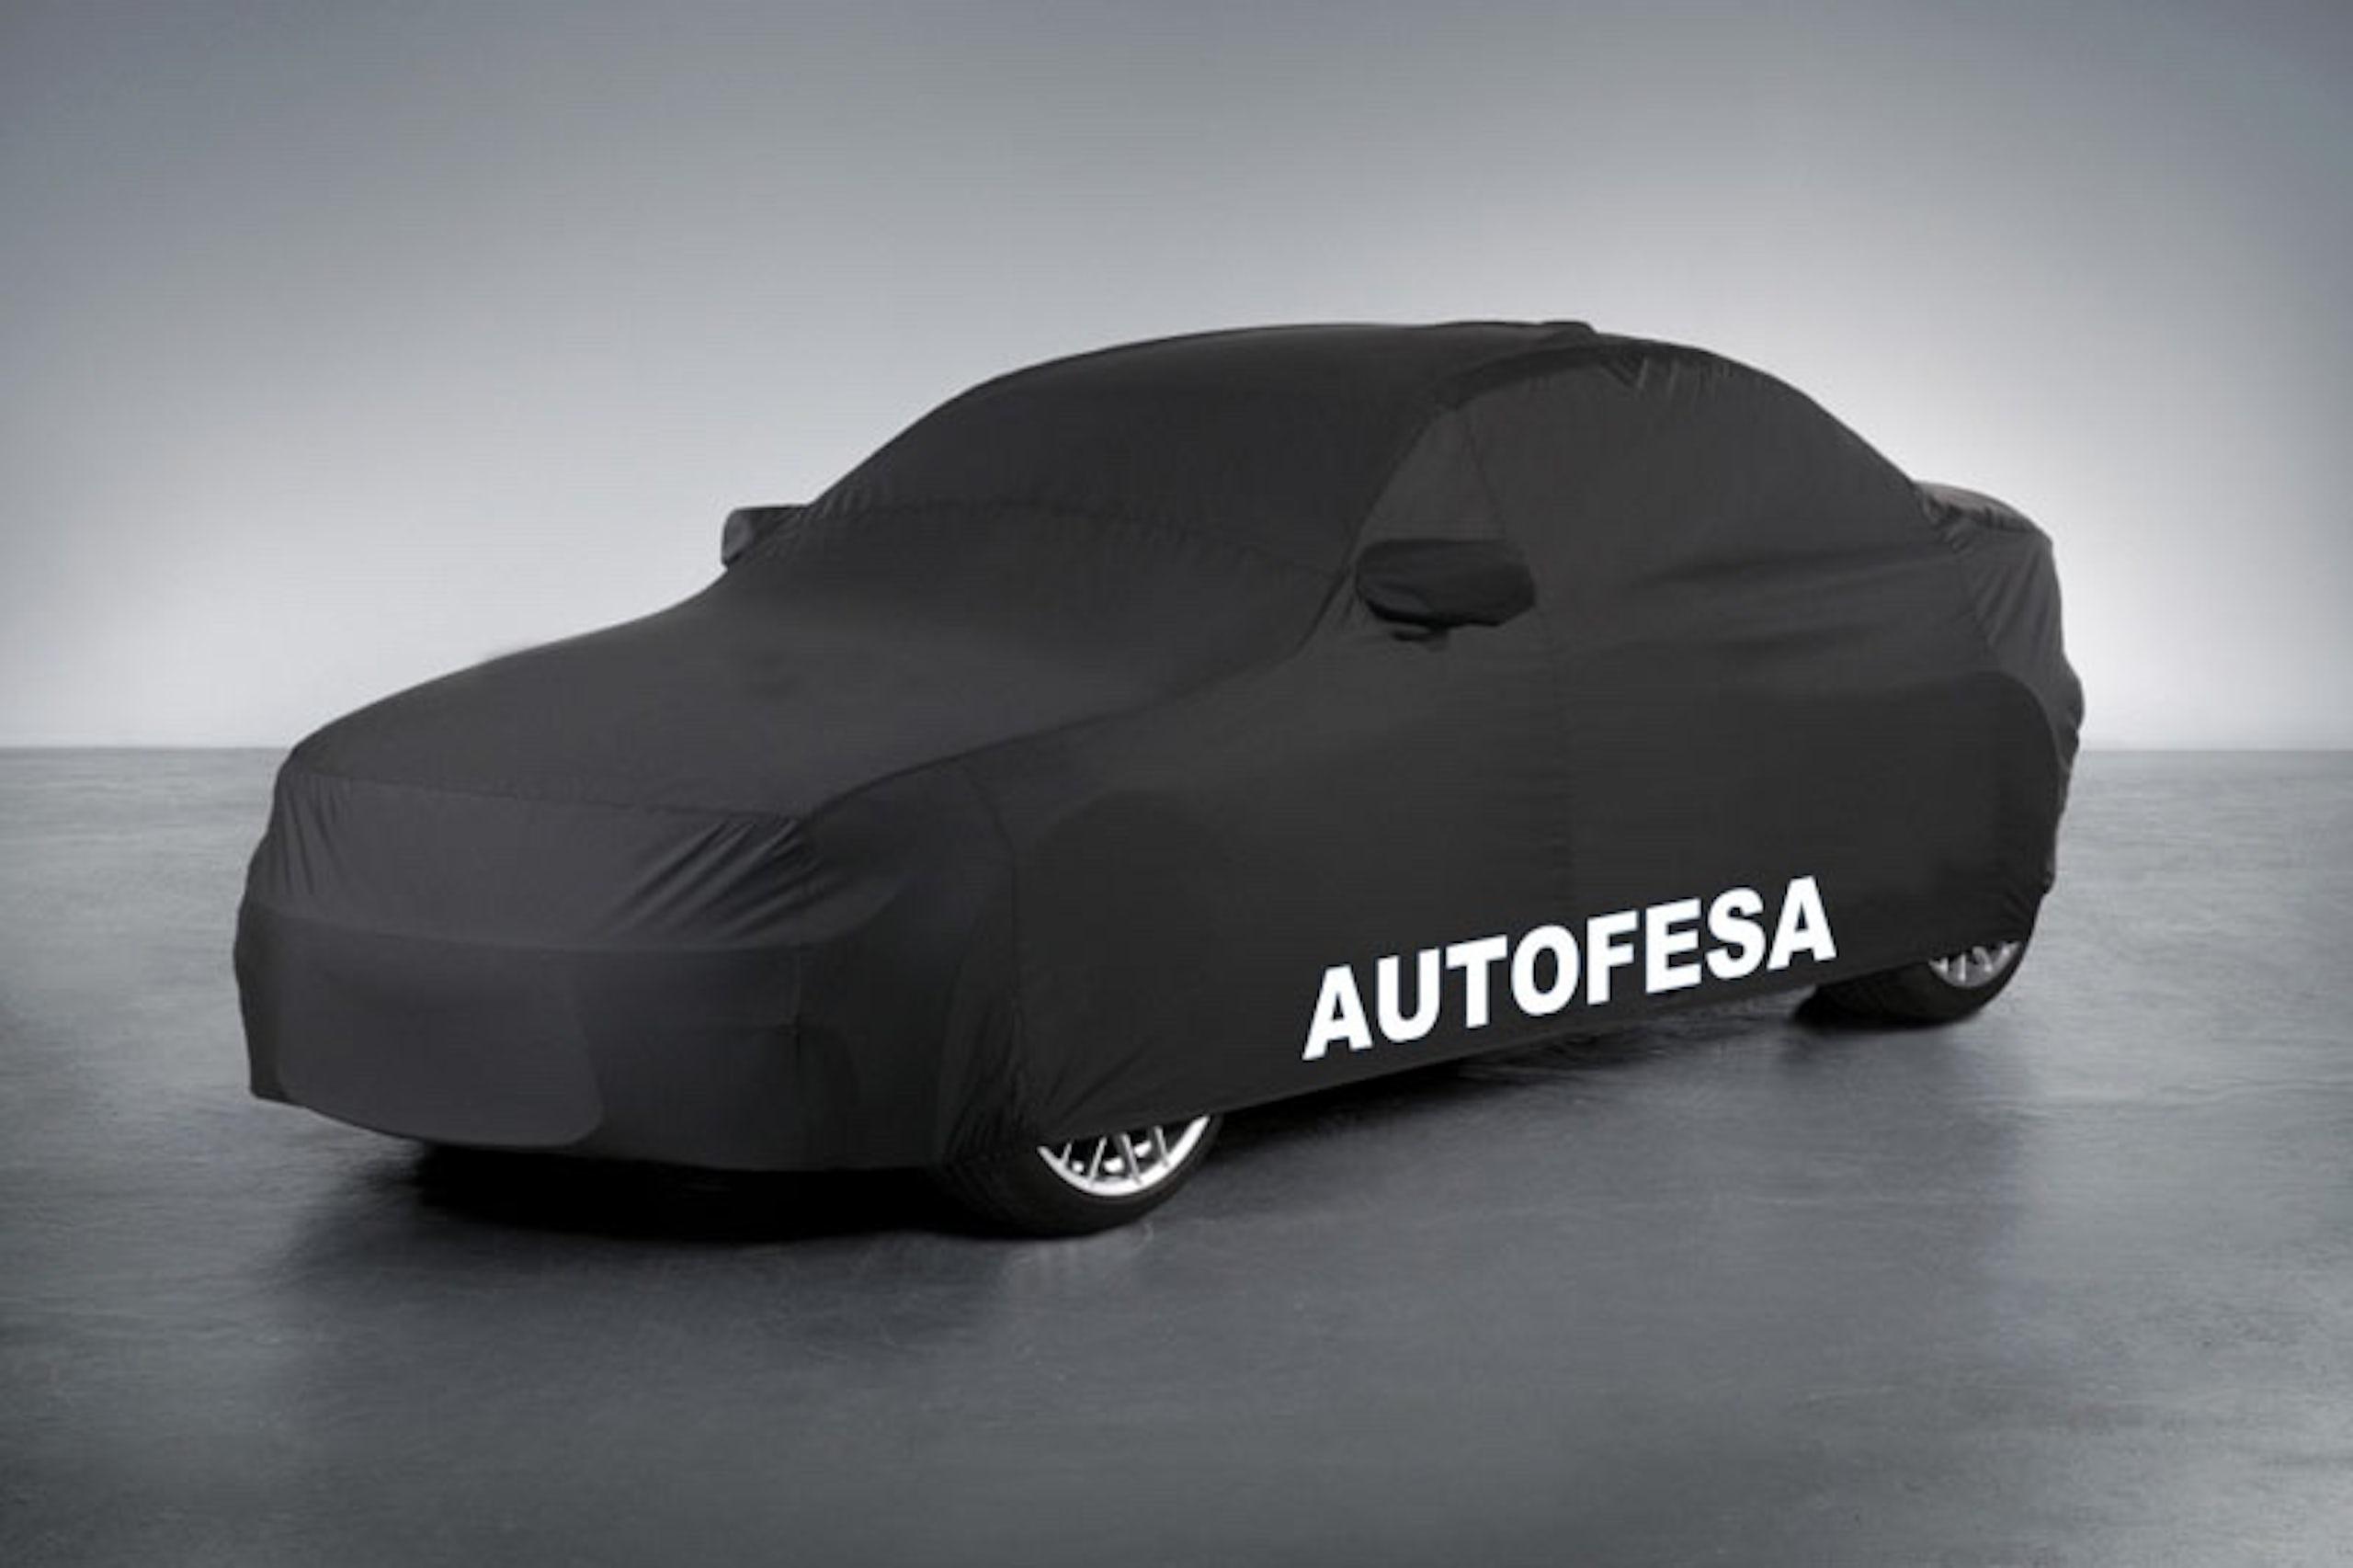 Fotos del Jaguar F-pace 2.0D PRESTIGE 4WD Auto 180cv 5p S/S Exterior 1